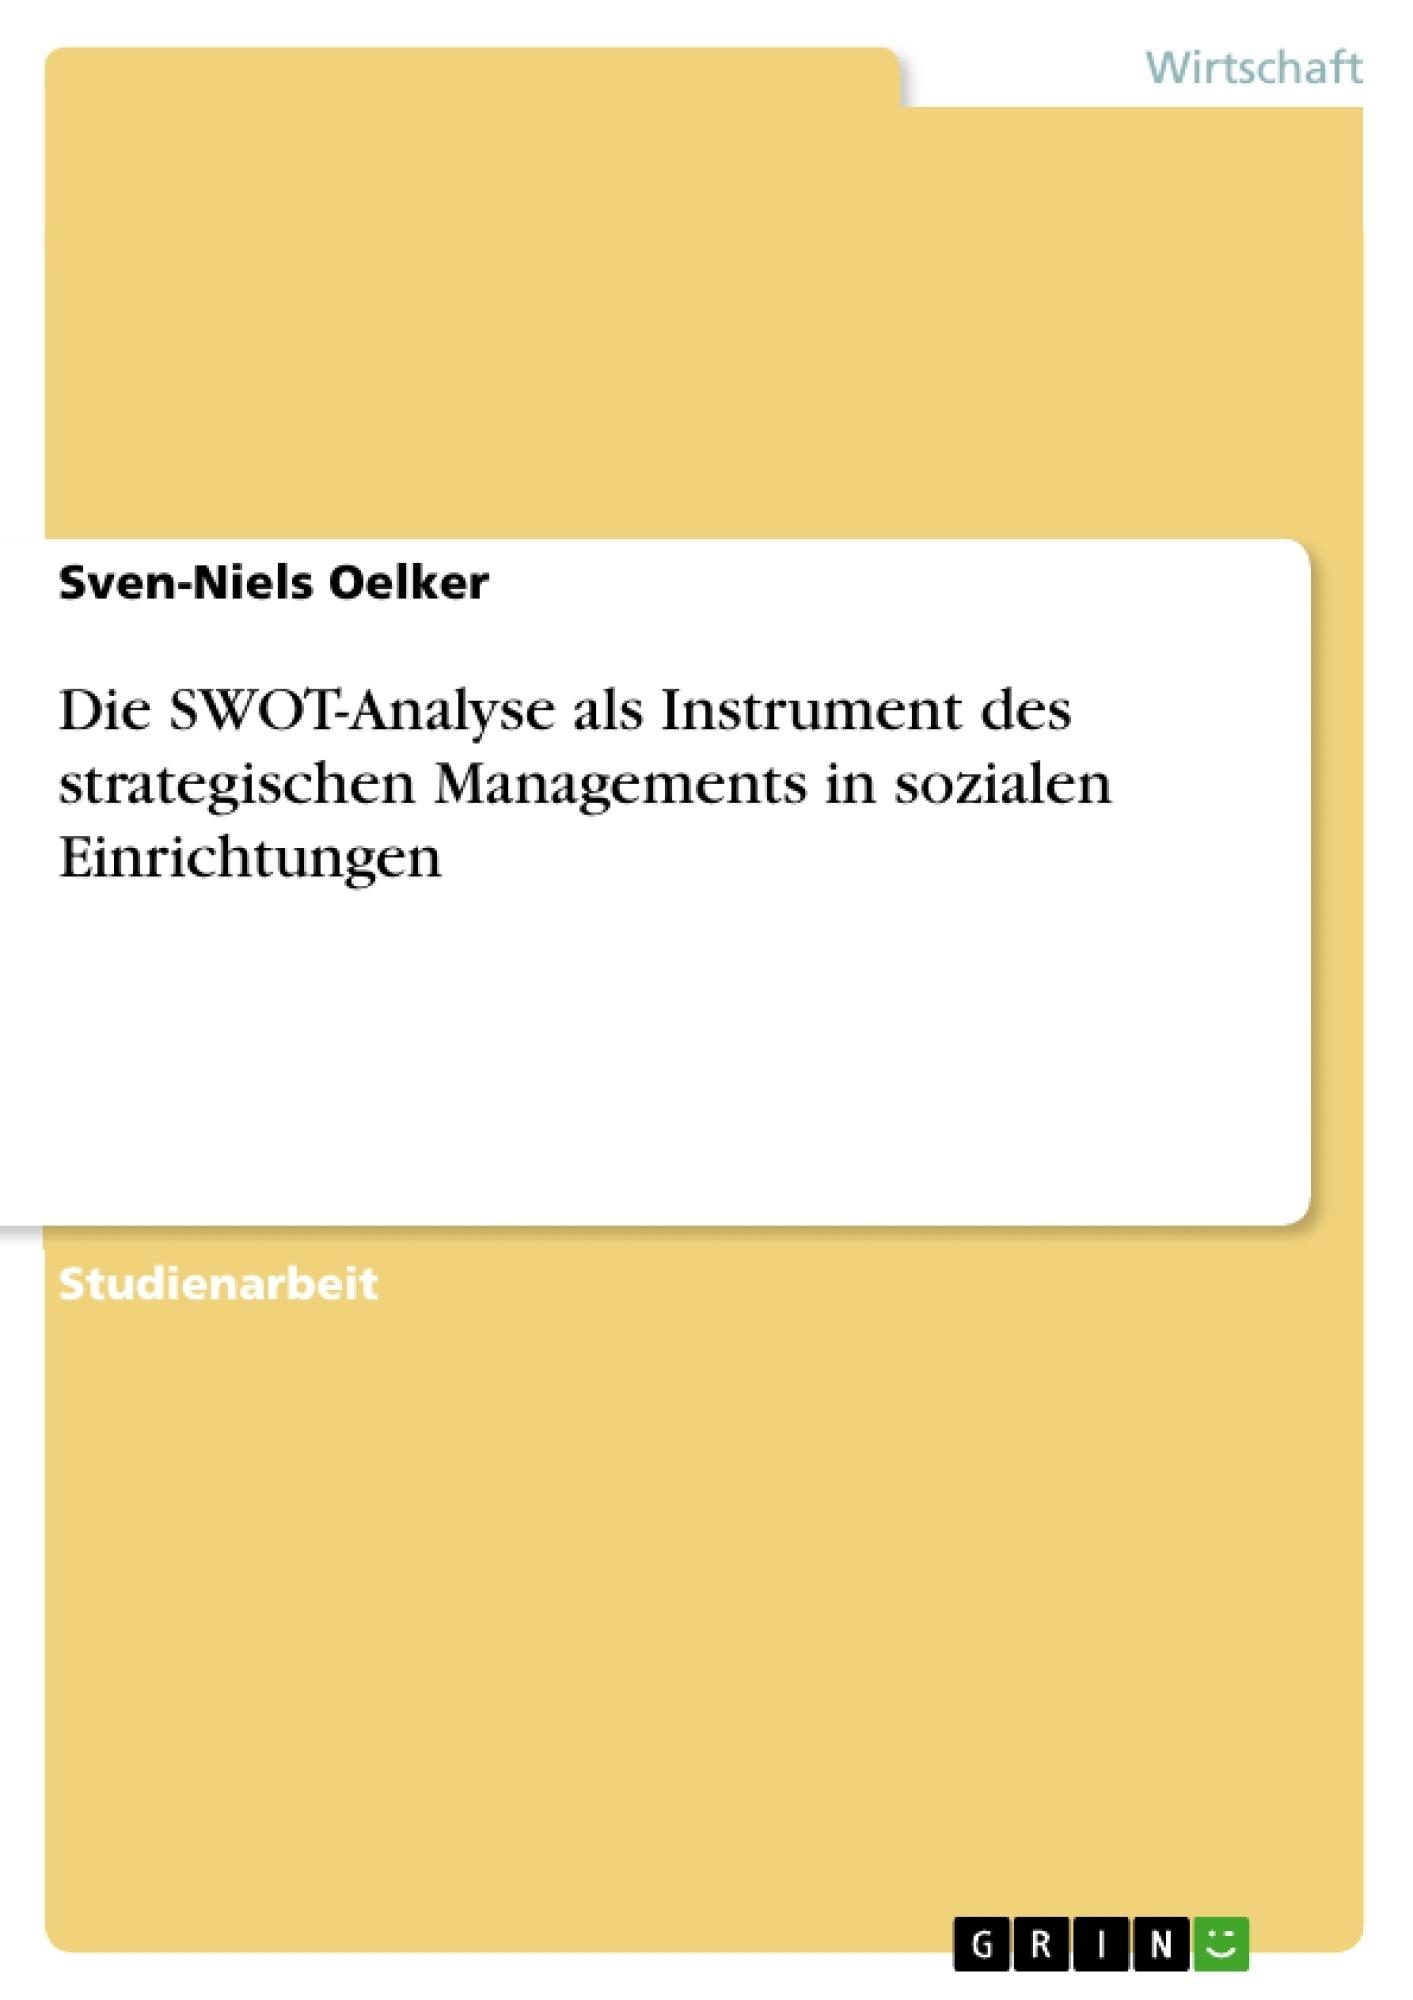 Titel: Die SWOT-Analyse als Instrument des strategischen Managements in sozialen Einrichtungen